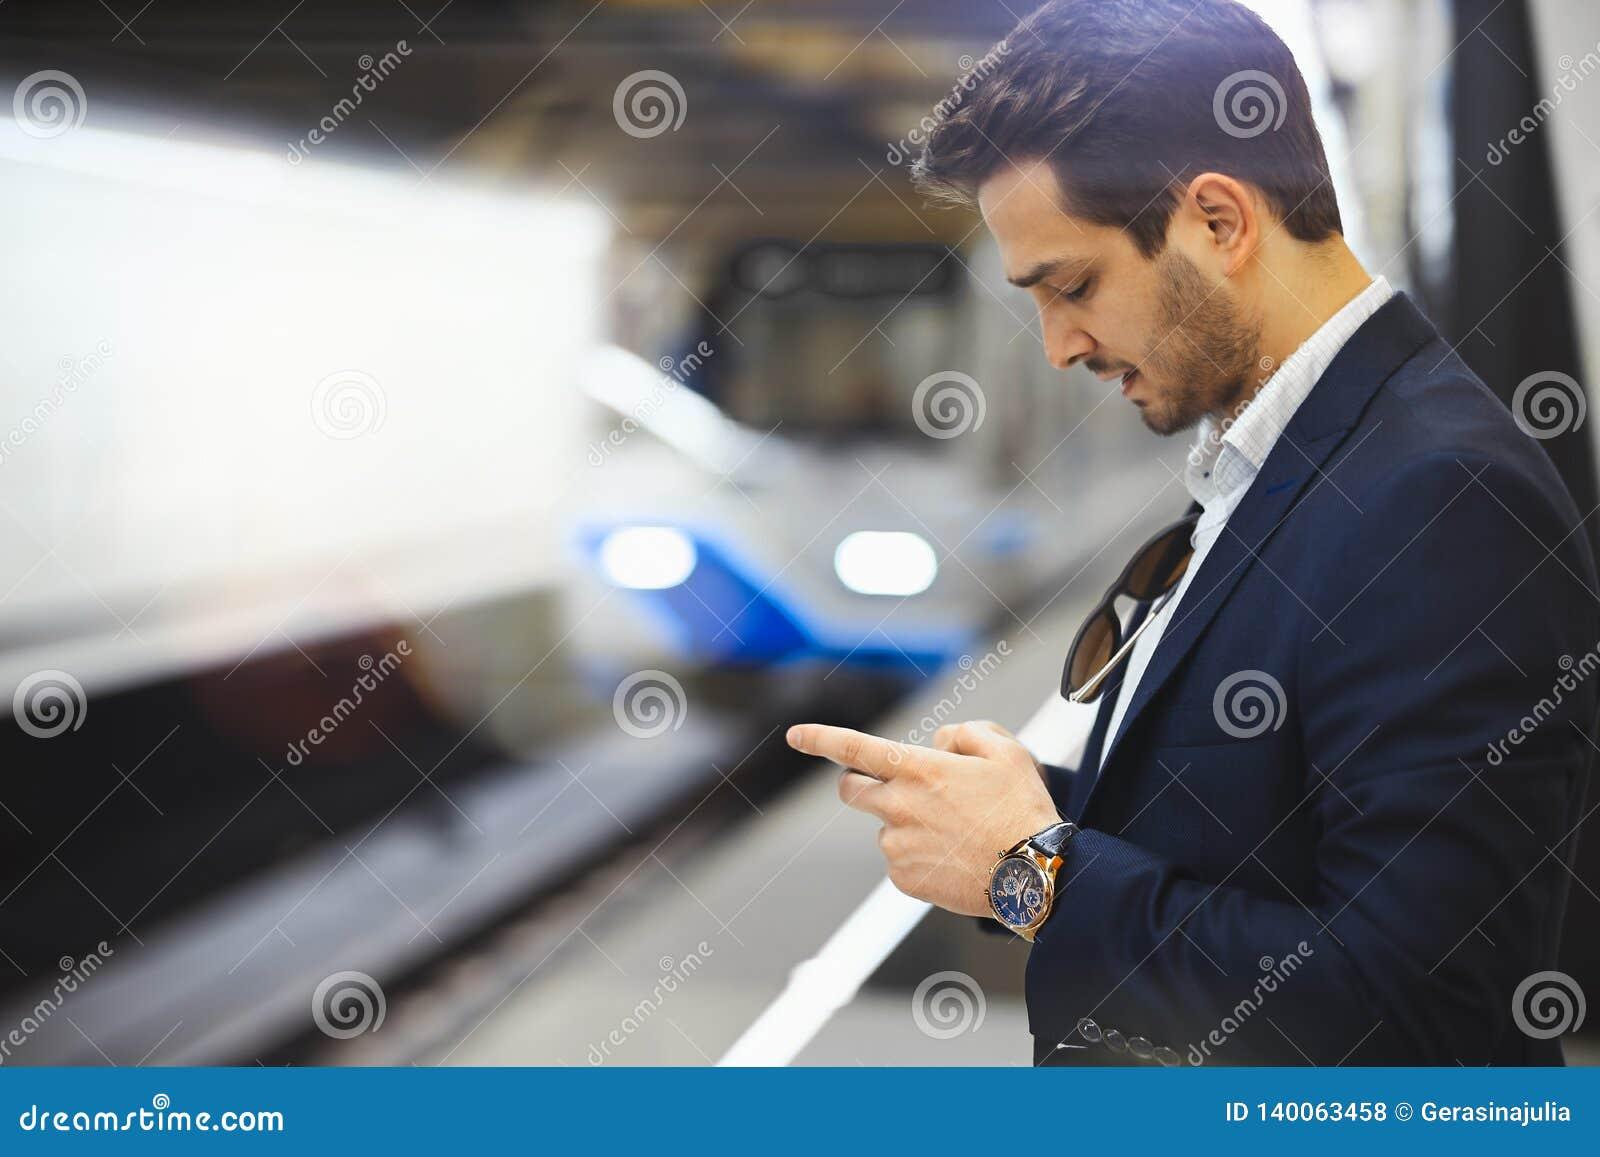 Aantrekkelijk zakenman texting bericht in mobiele telefoon terwijl het wachten op trein in metro